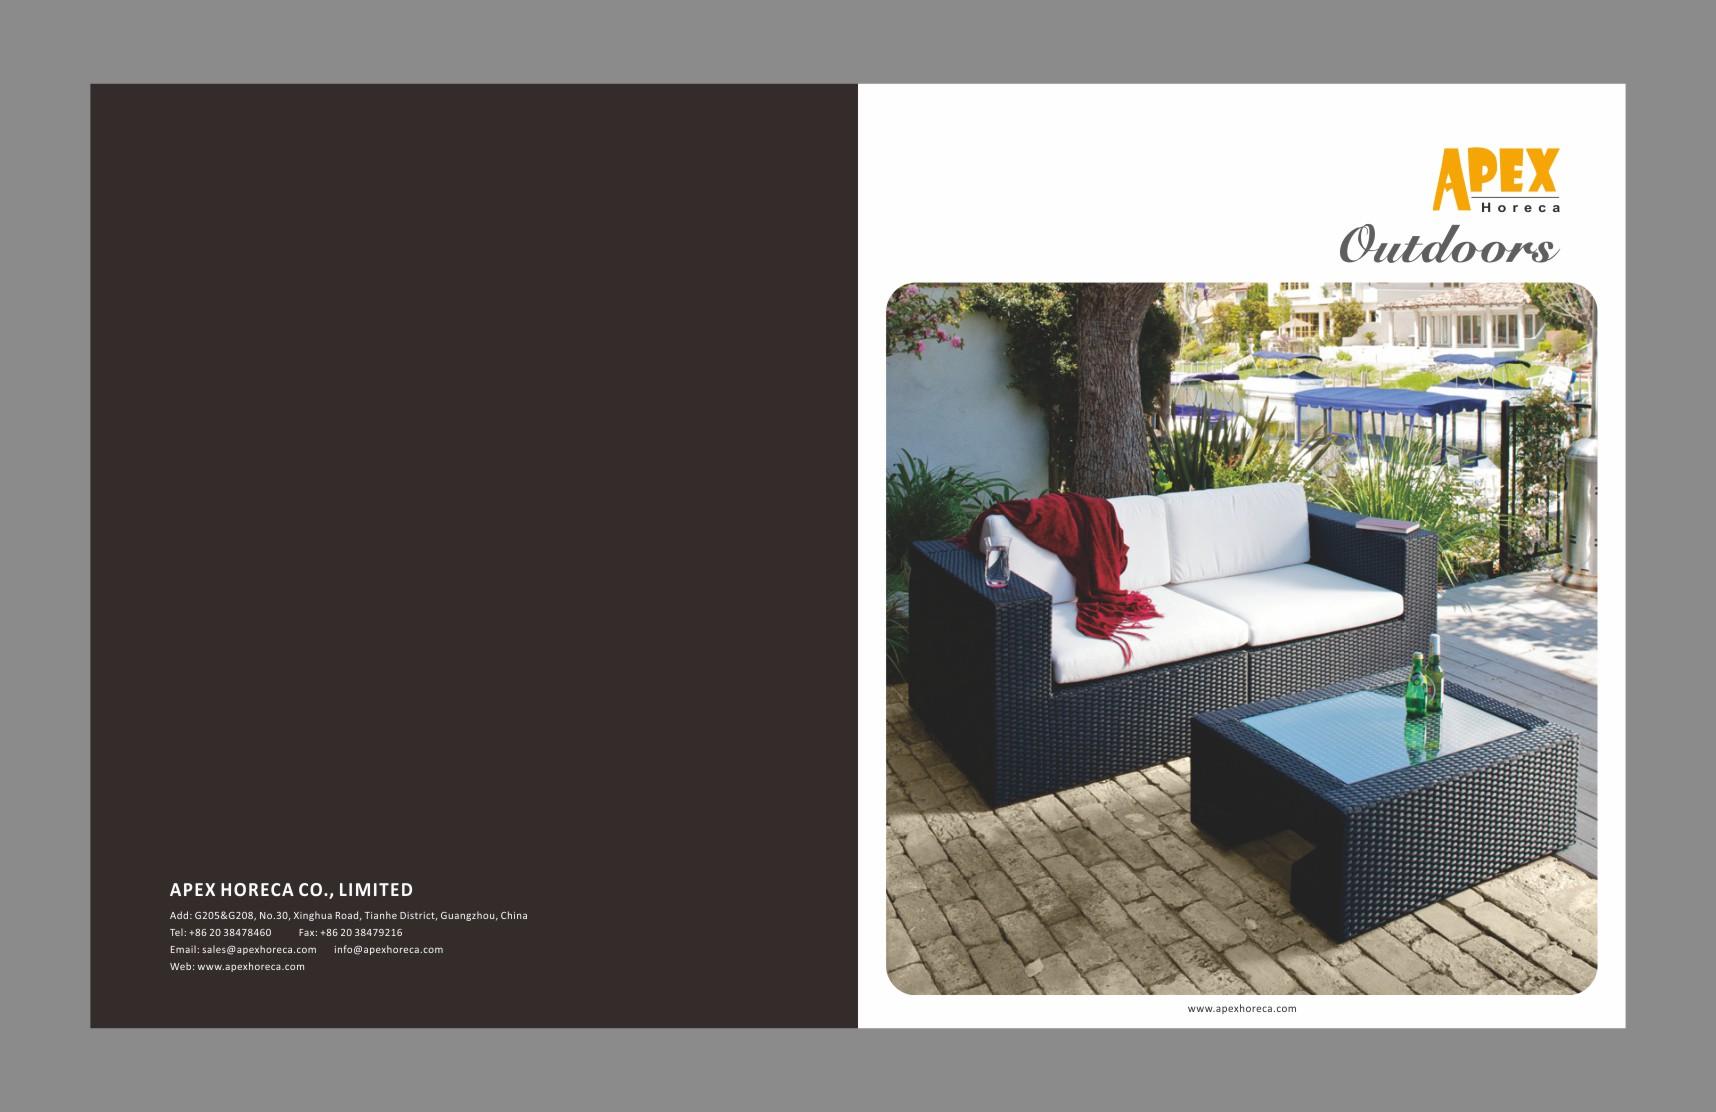 2016 Apex Horeca outdoor collection catalogue